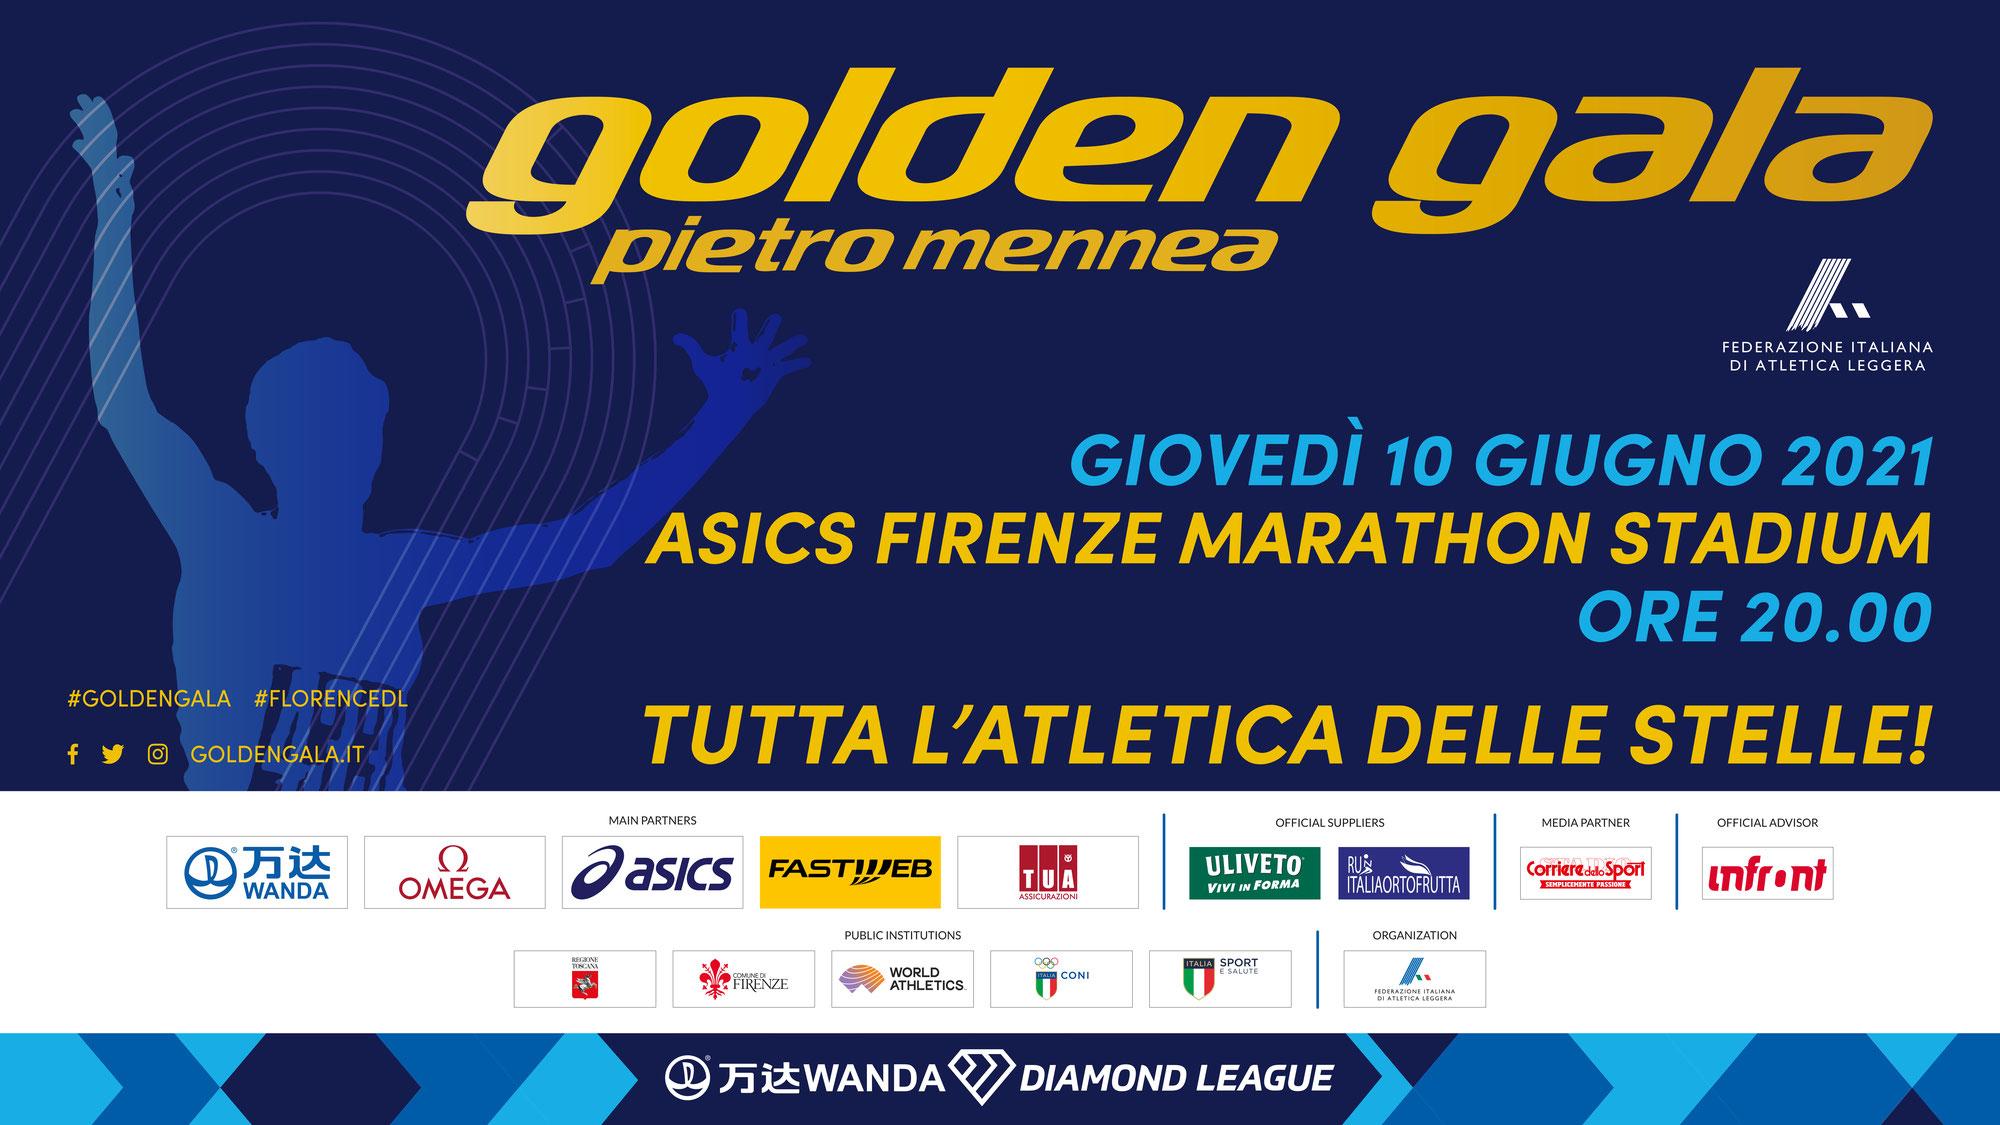 Golden Gala 2021